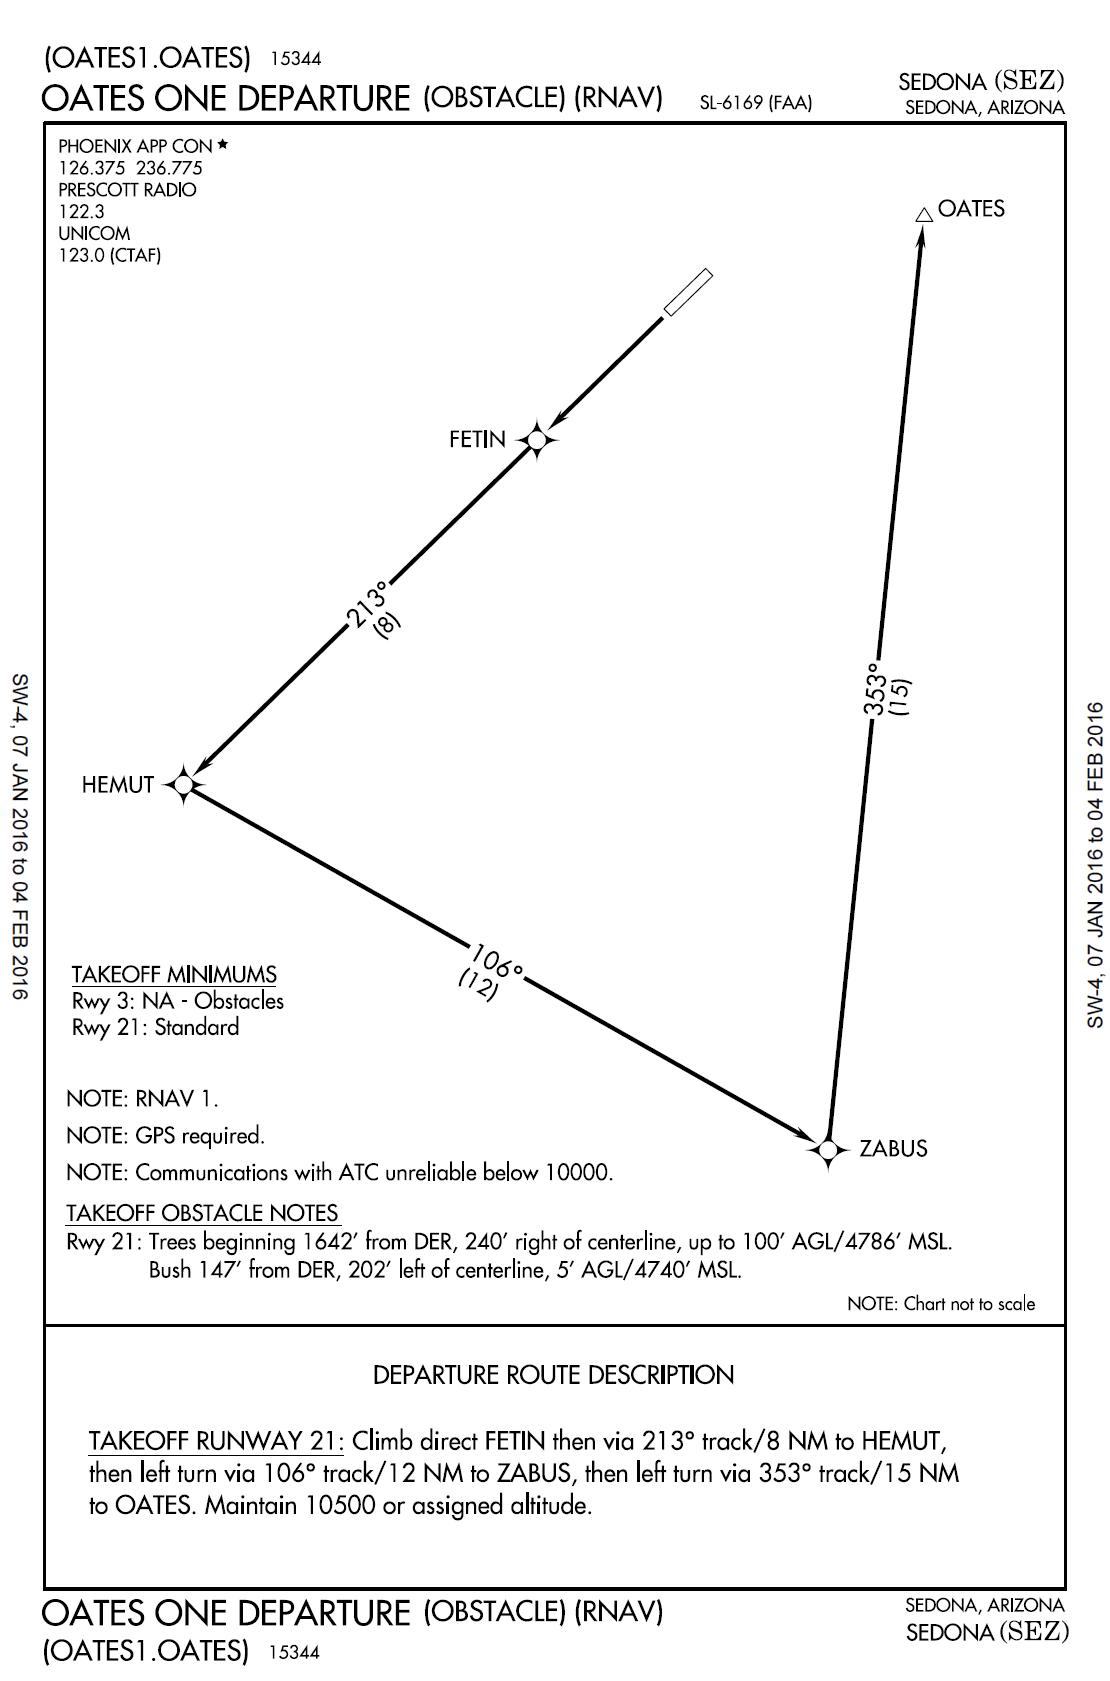 Sedona Airport SID - Standard Instrument Departure; CLICK to read the FAA Handbook on Instrument Departure Procedures